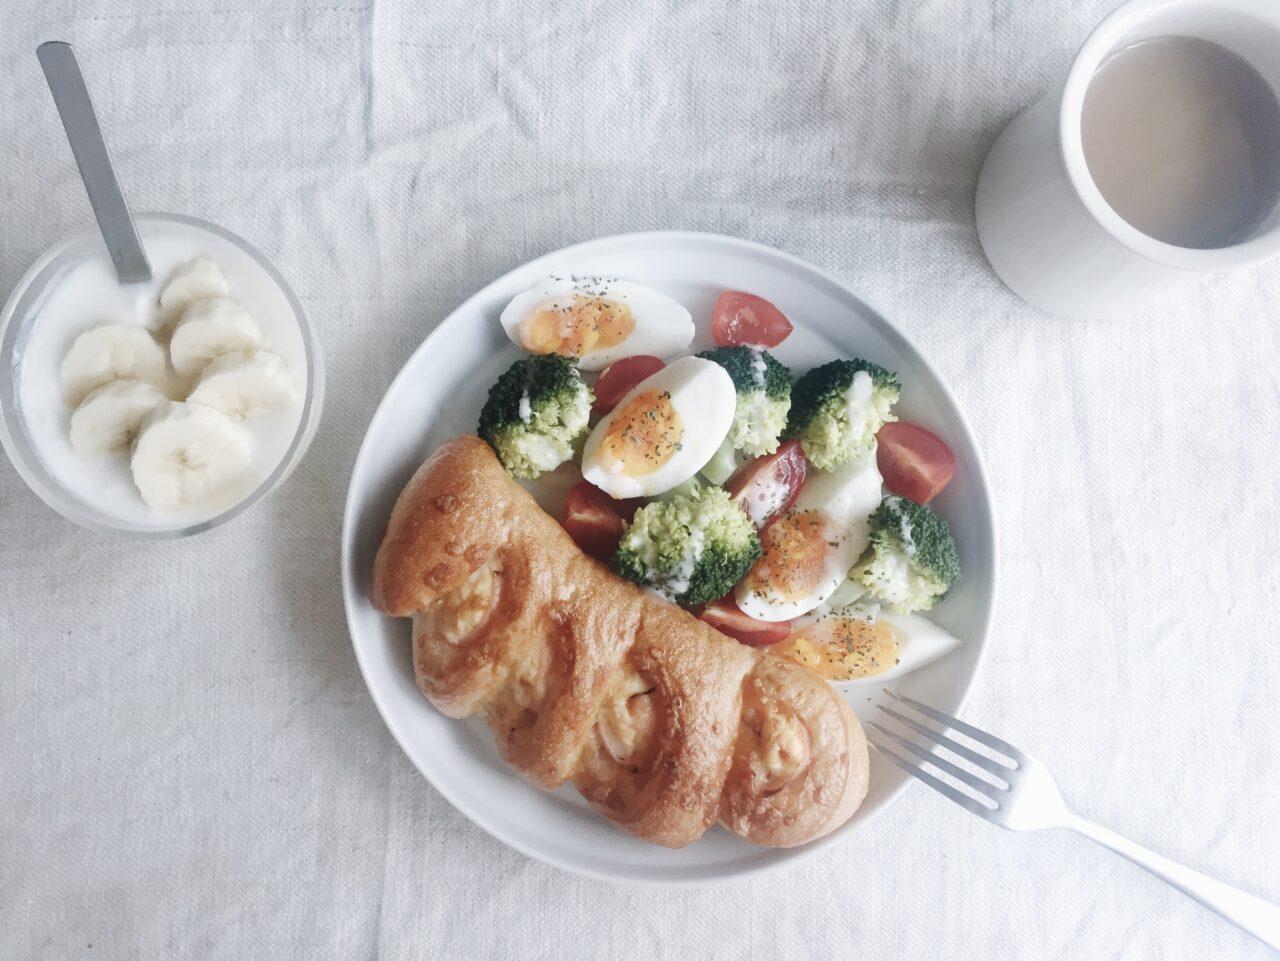 ダイエット中に食べるならどっち?身近なメニューのカロリーを徹底比較!